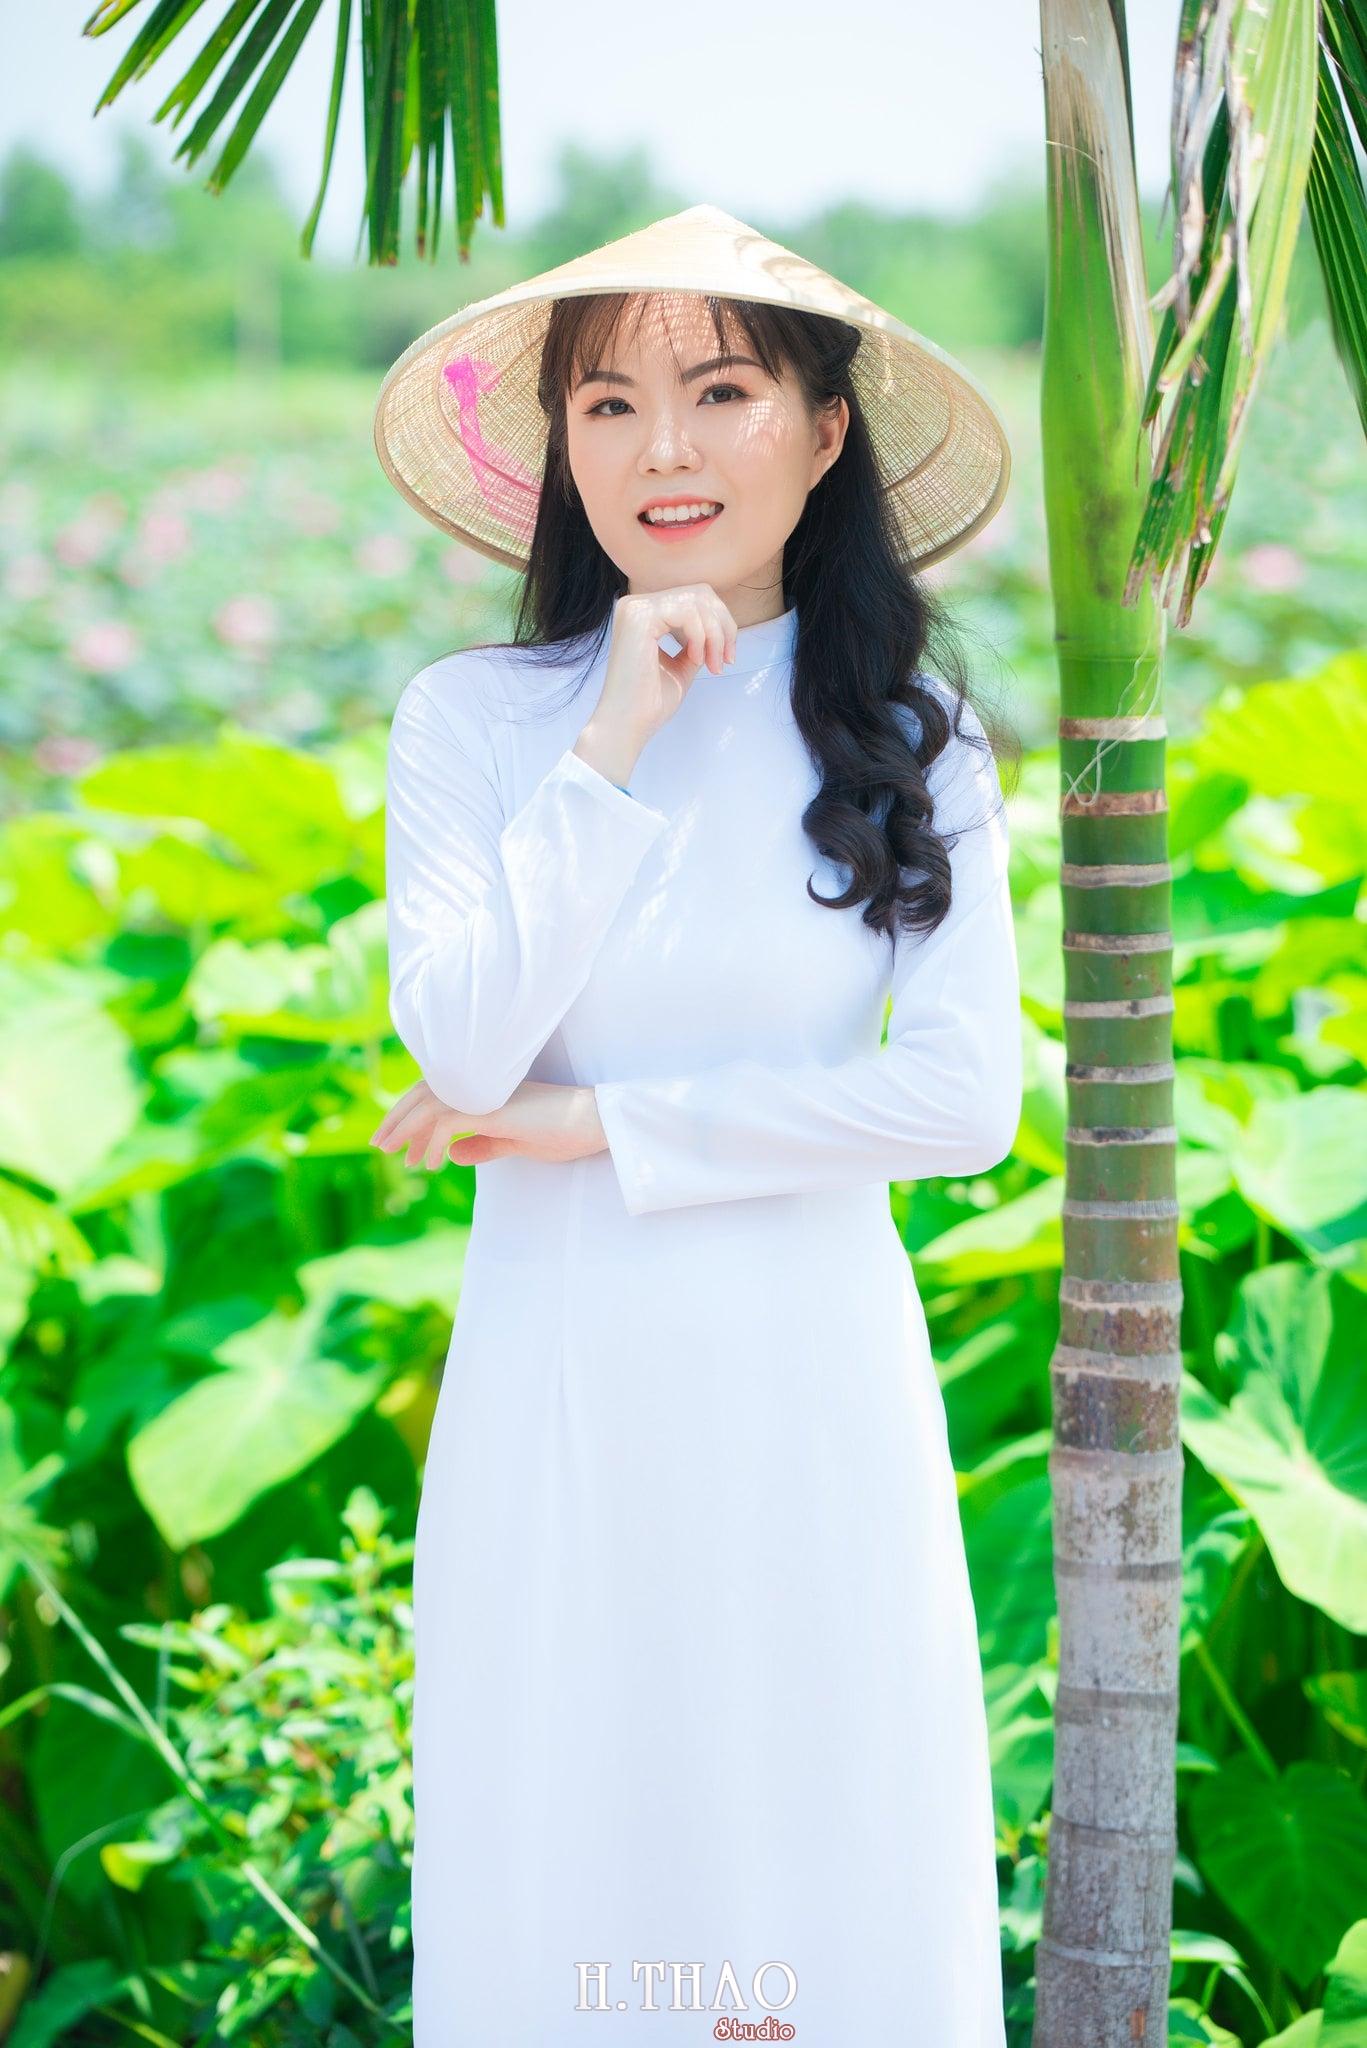 nh áo dài hoa sen 26 - Góc ảnh thiếu nữ áo dài bên hoa sen đẹp tinh khôi- HThao Studio